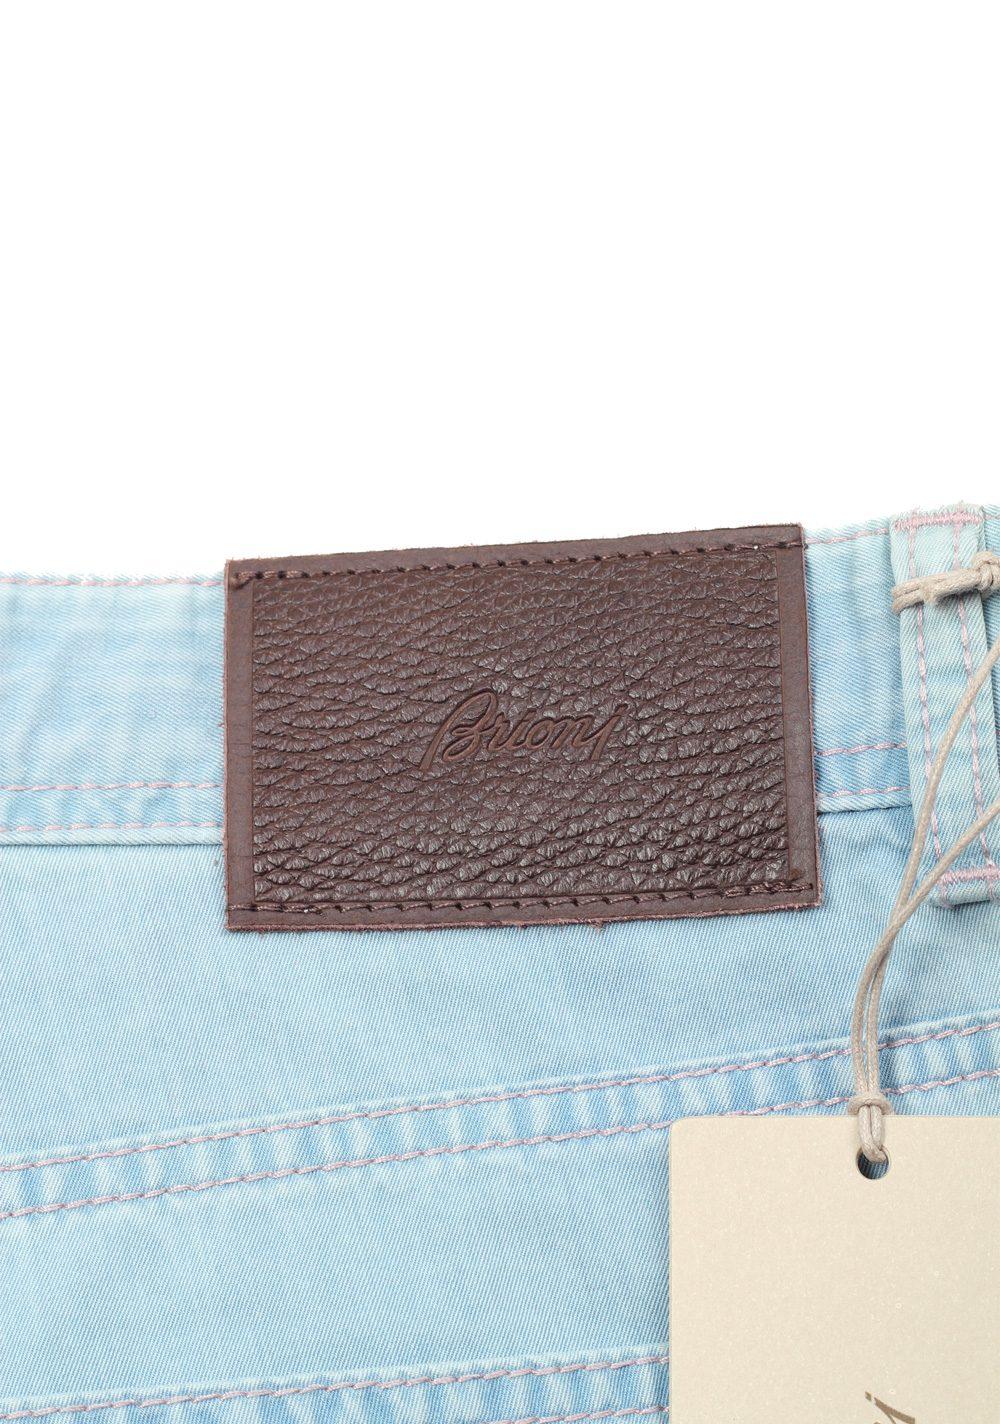 Brioni Blue Jeans Meribel Trousers Size 53 / 37 U.S. | Costume Limité